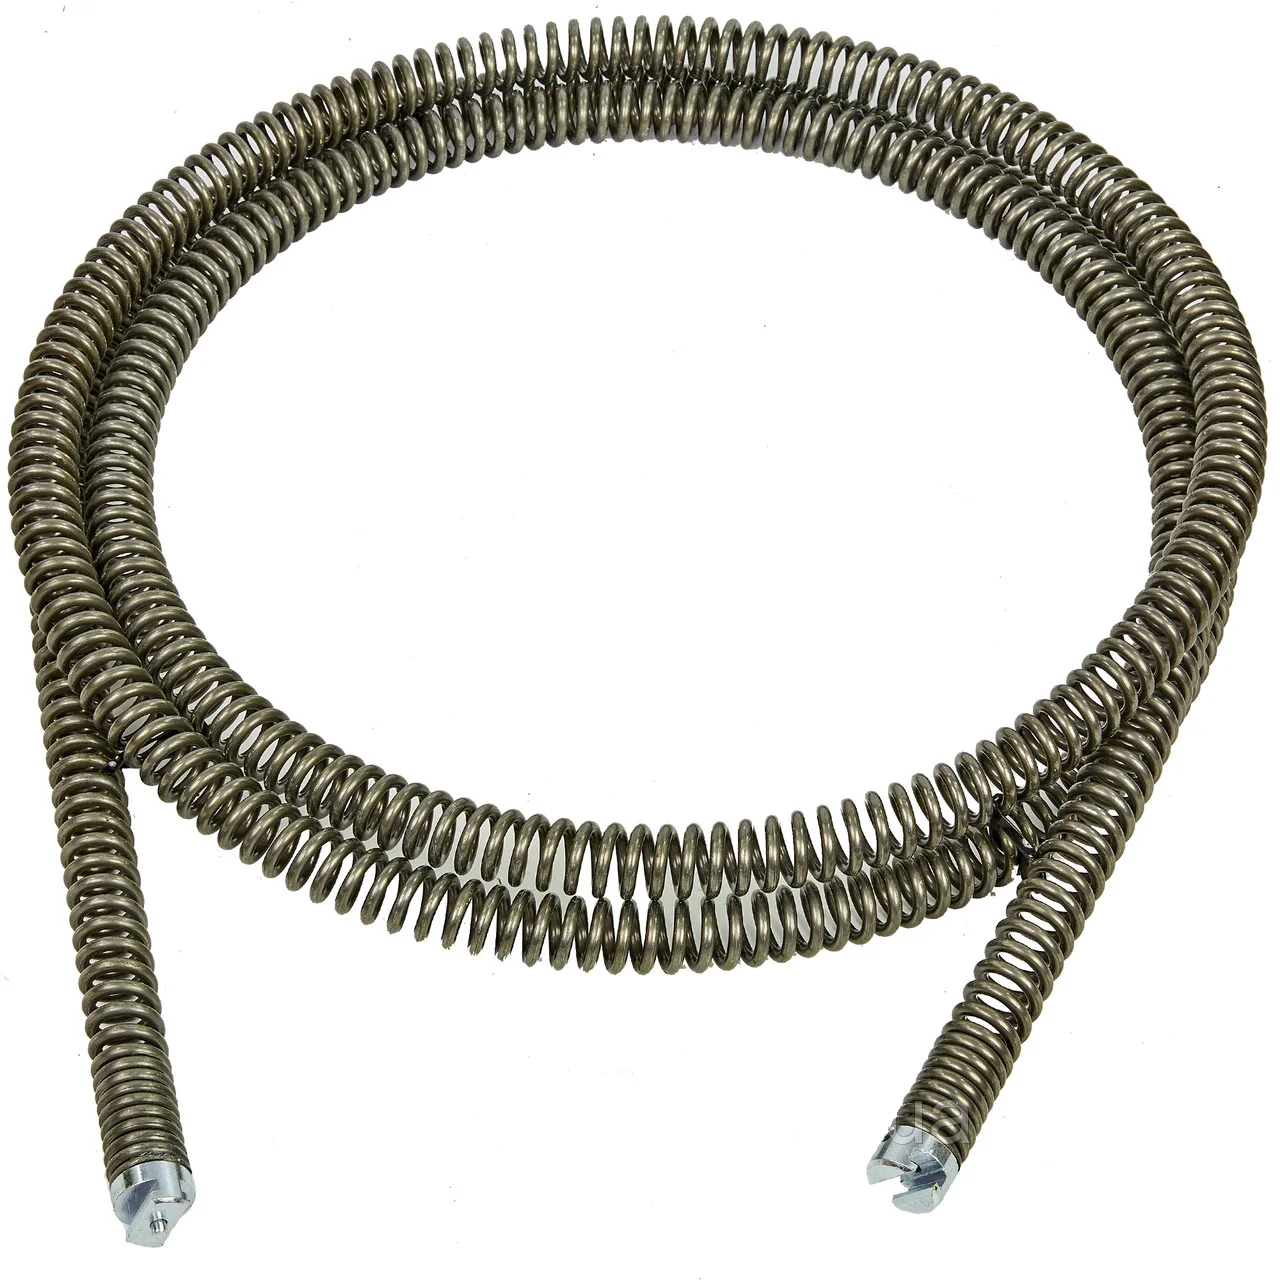 Секційна спіраль DALI R-4-3 (4.6 метра, 30 мм)